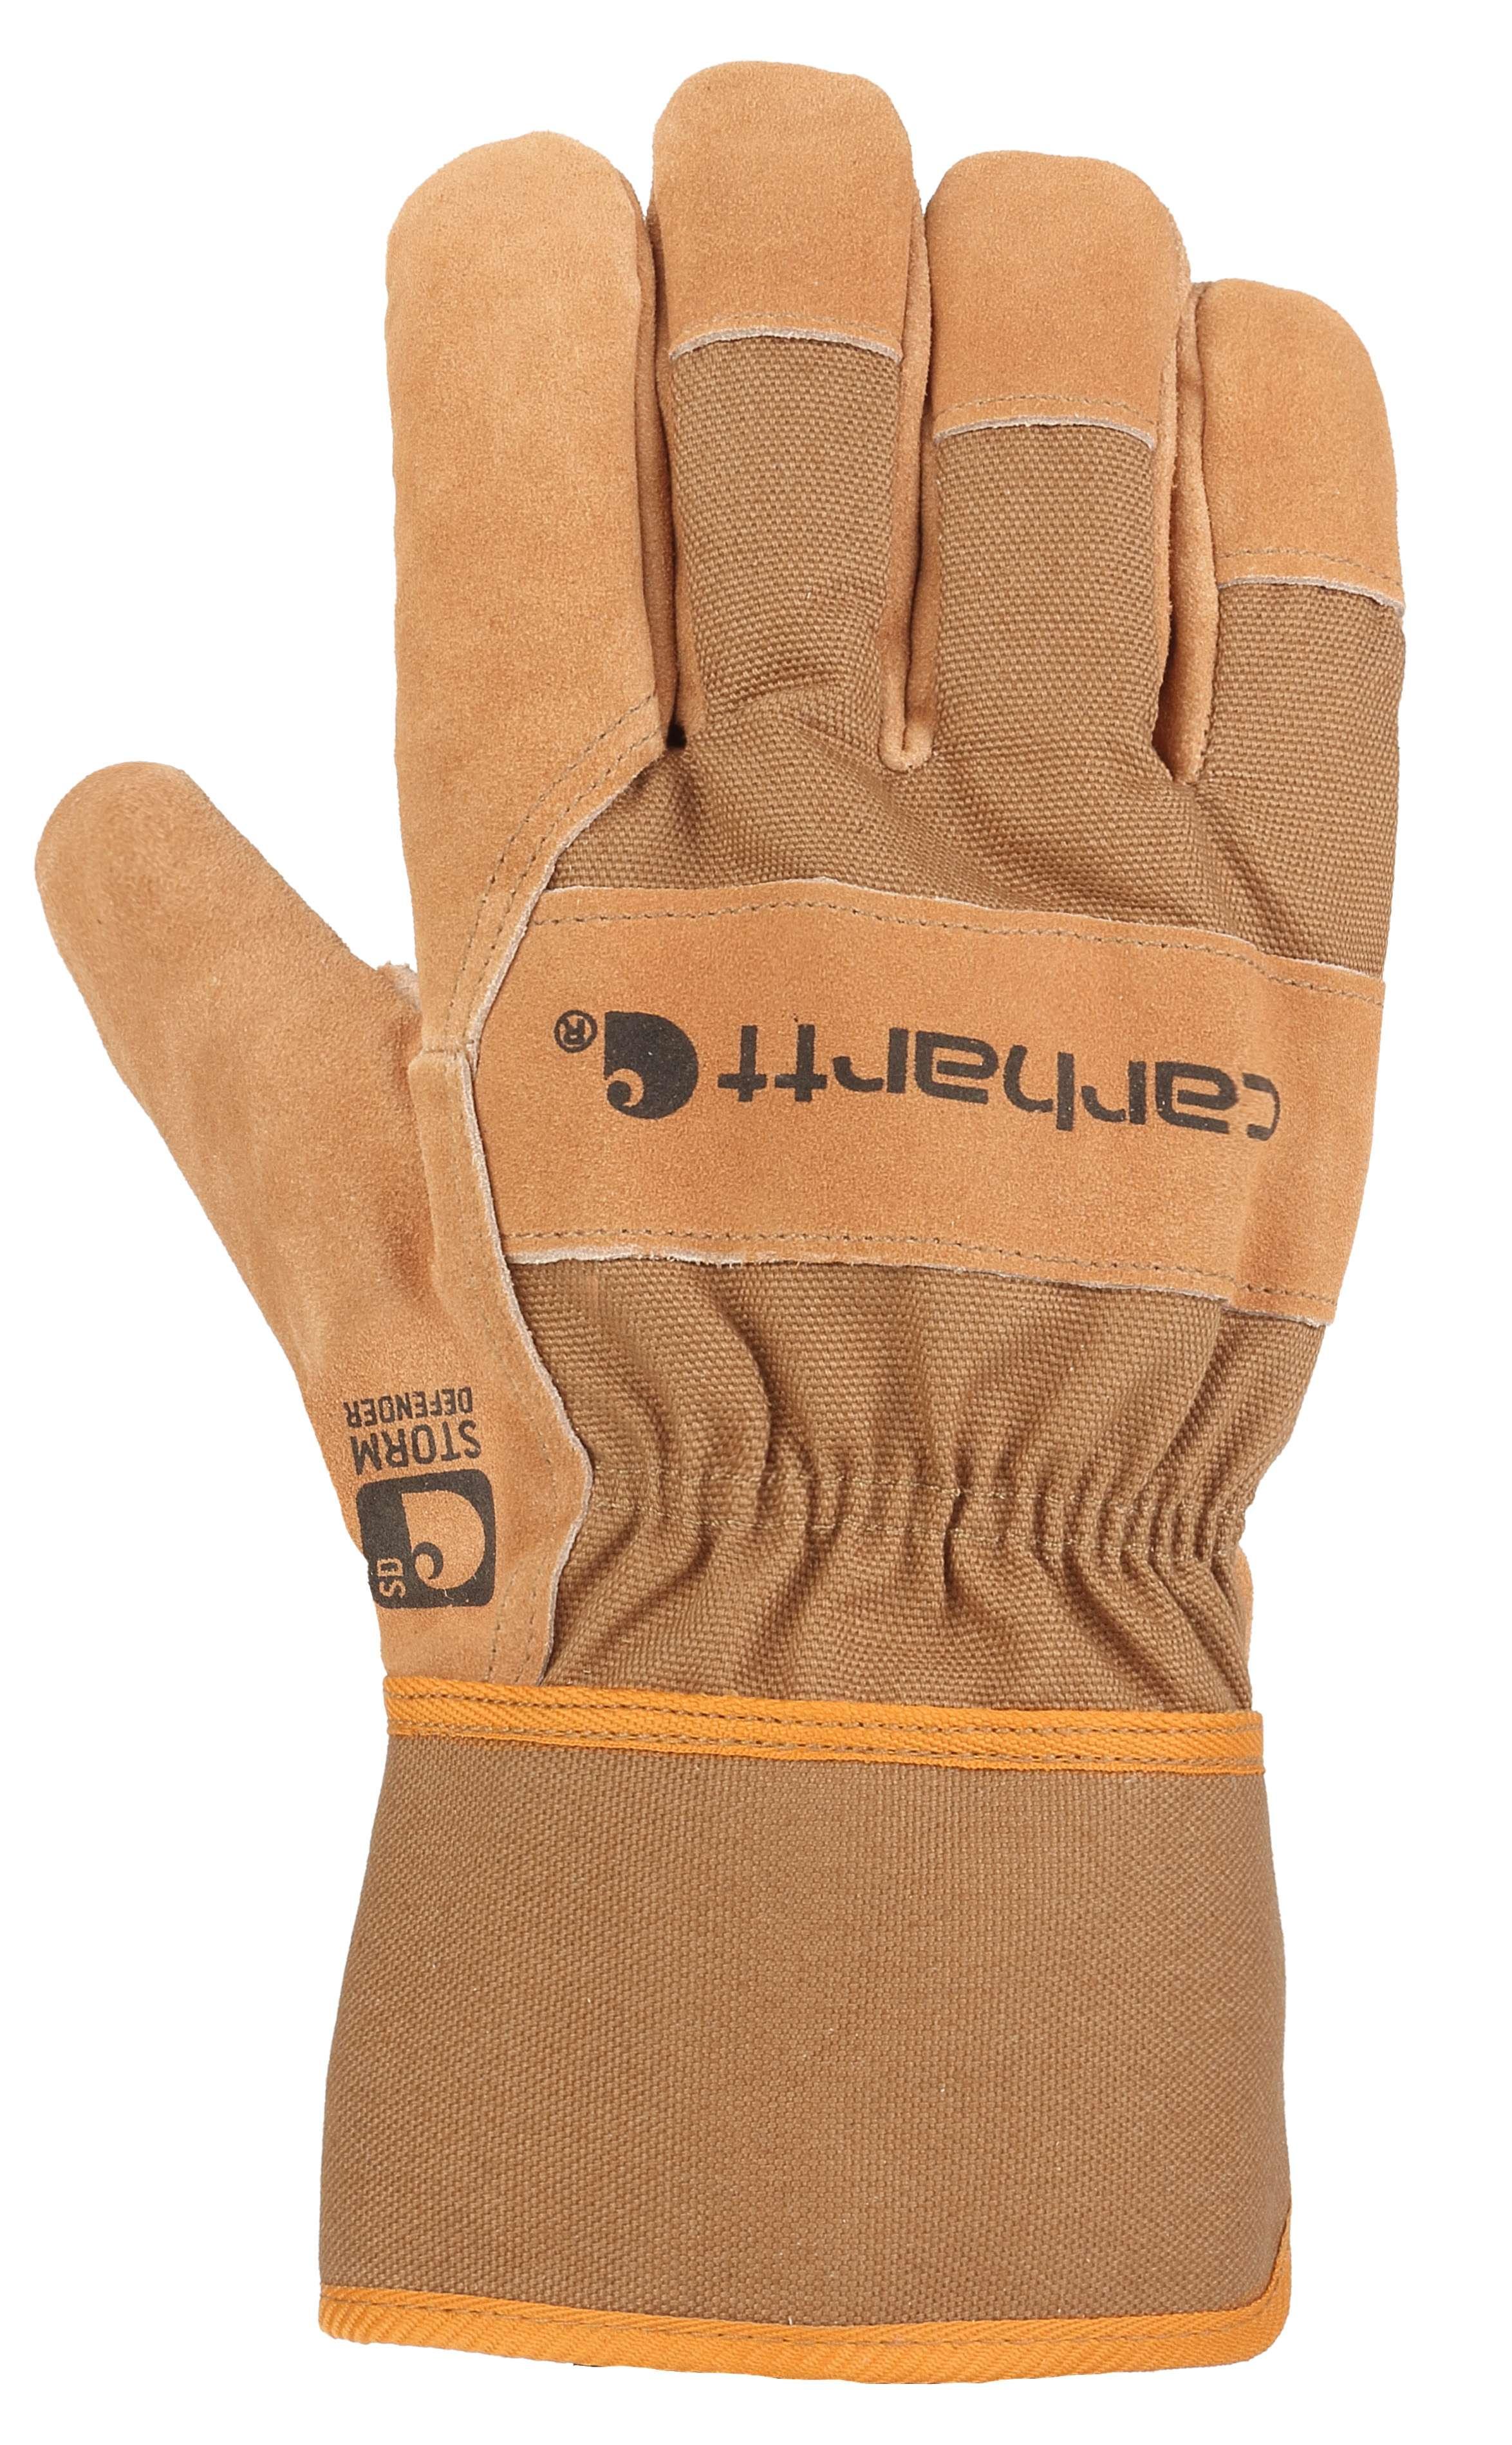 Carhartt Waterproof Breathable Suede Safety Cuff Work Glove